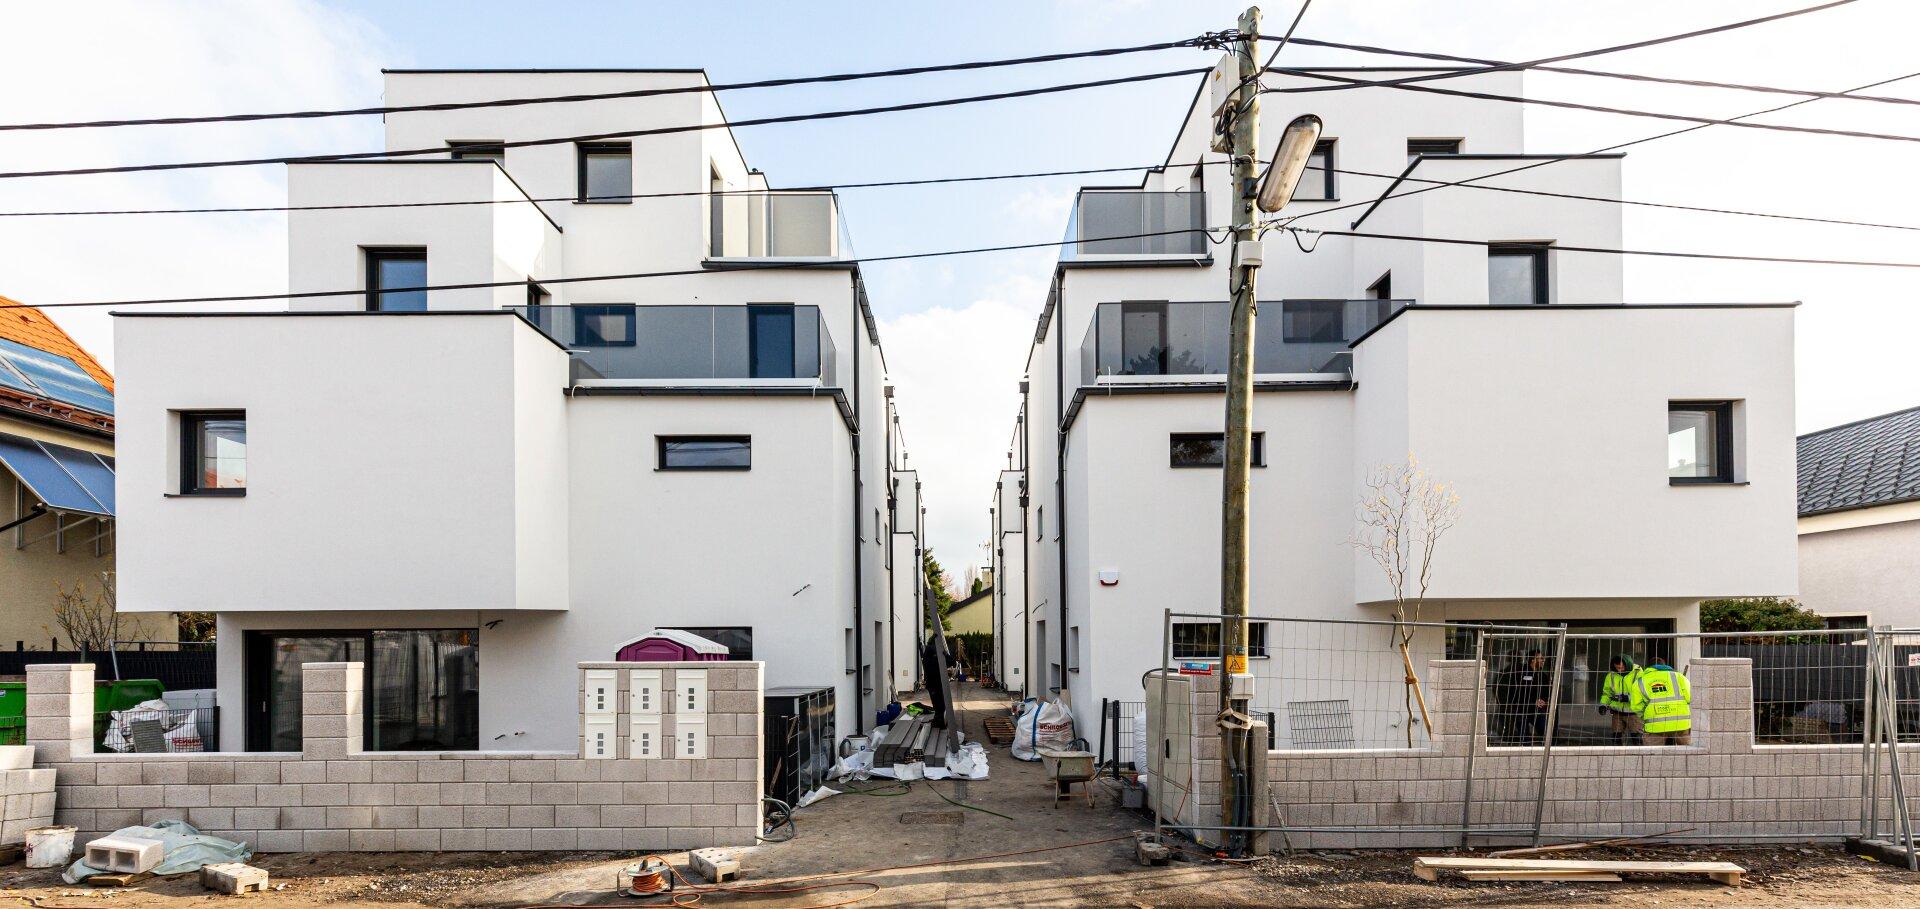 ARNIKA - Leben im Highend Doppelhaus mit unvergleichlicher Ausstattung (Projektansicht)